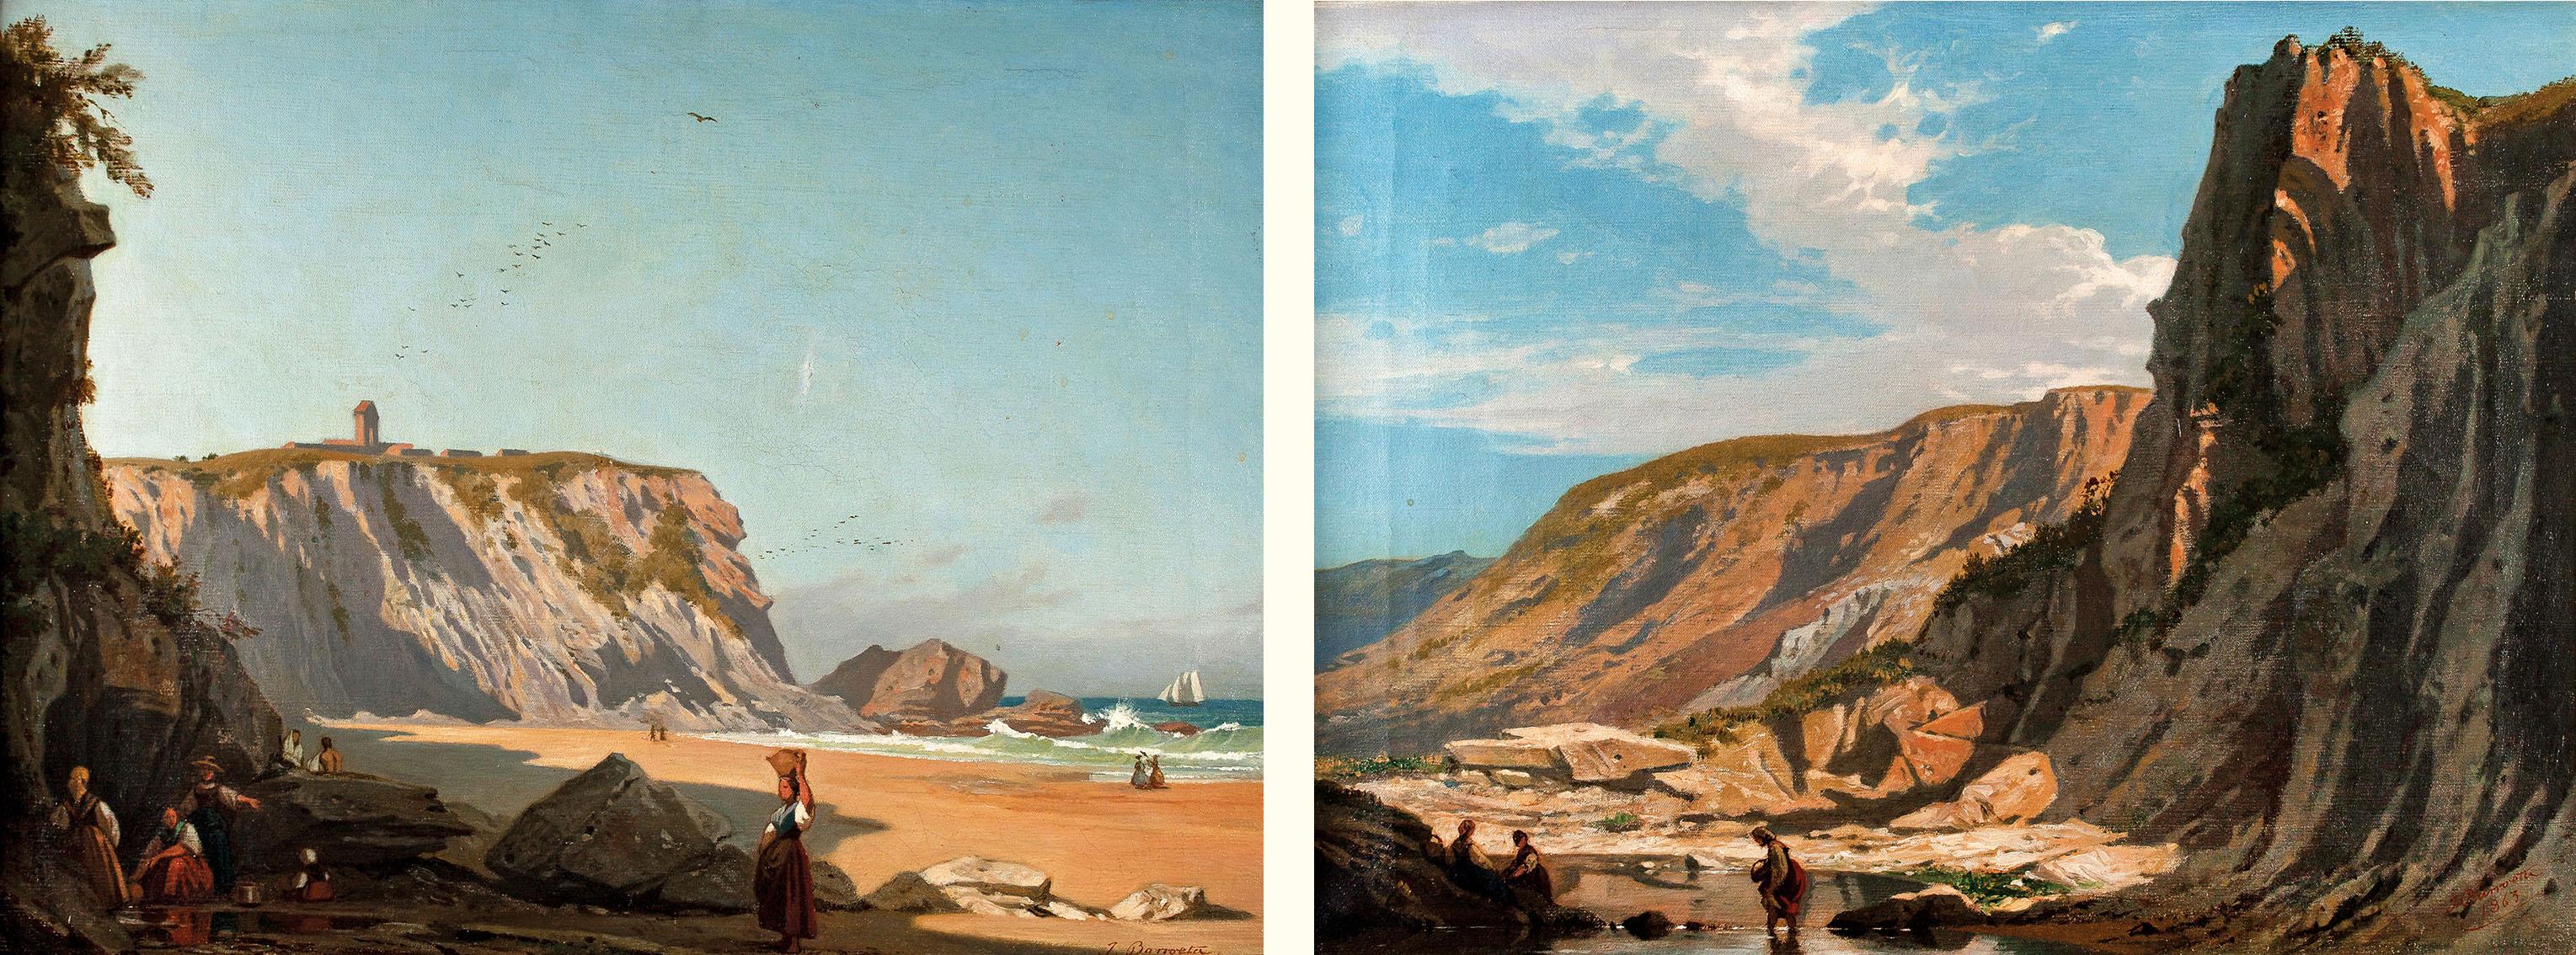 Juan de Barroeta. Paisaje con montaña y Playa de Sopelana, 1863. Salida: 1.800 euros. Remate: 5.000 euros. Comprado por el Estado